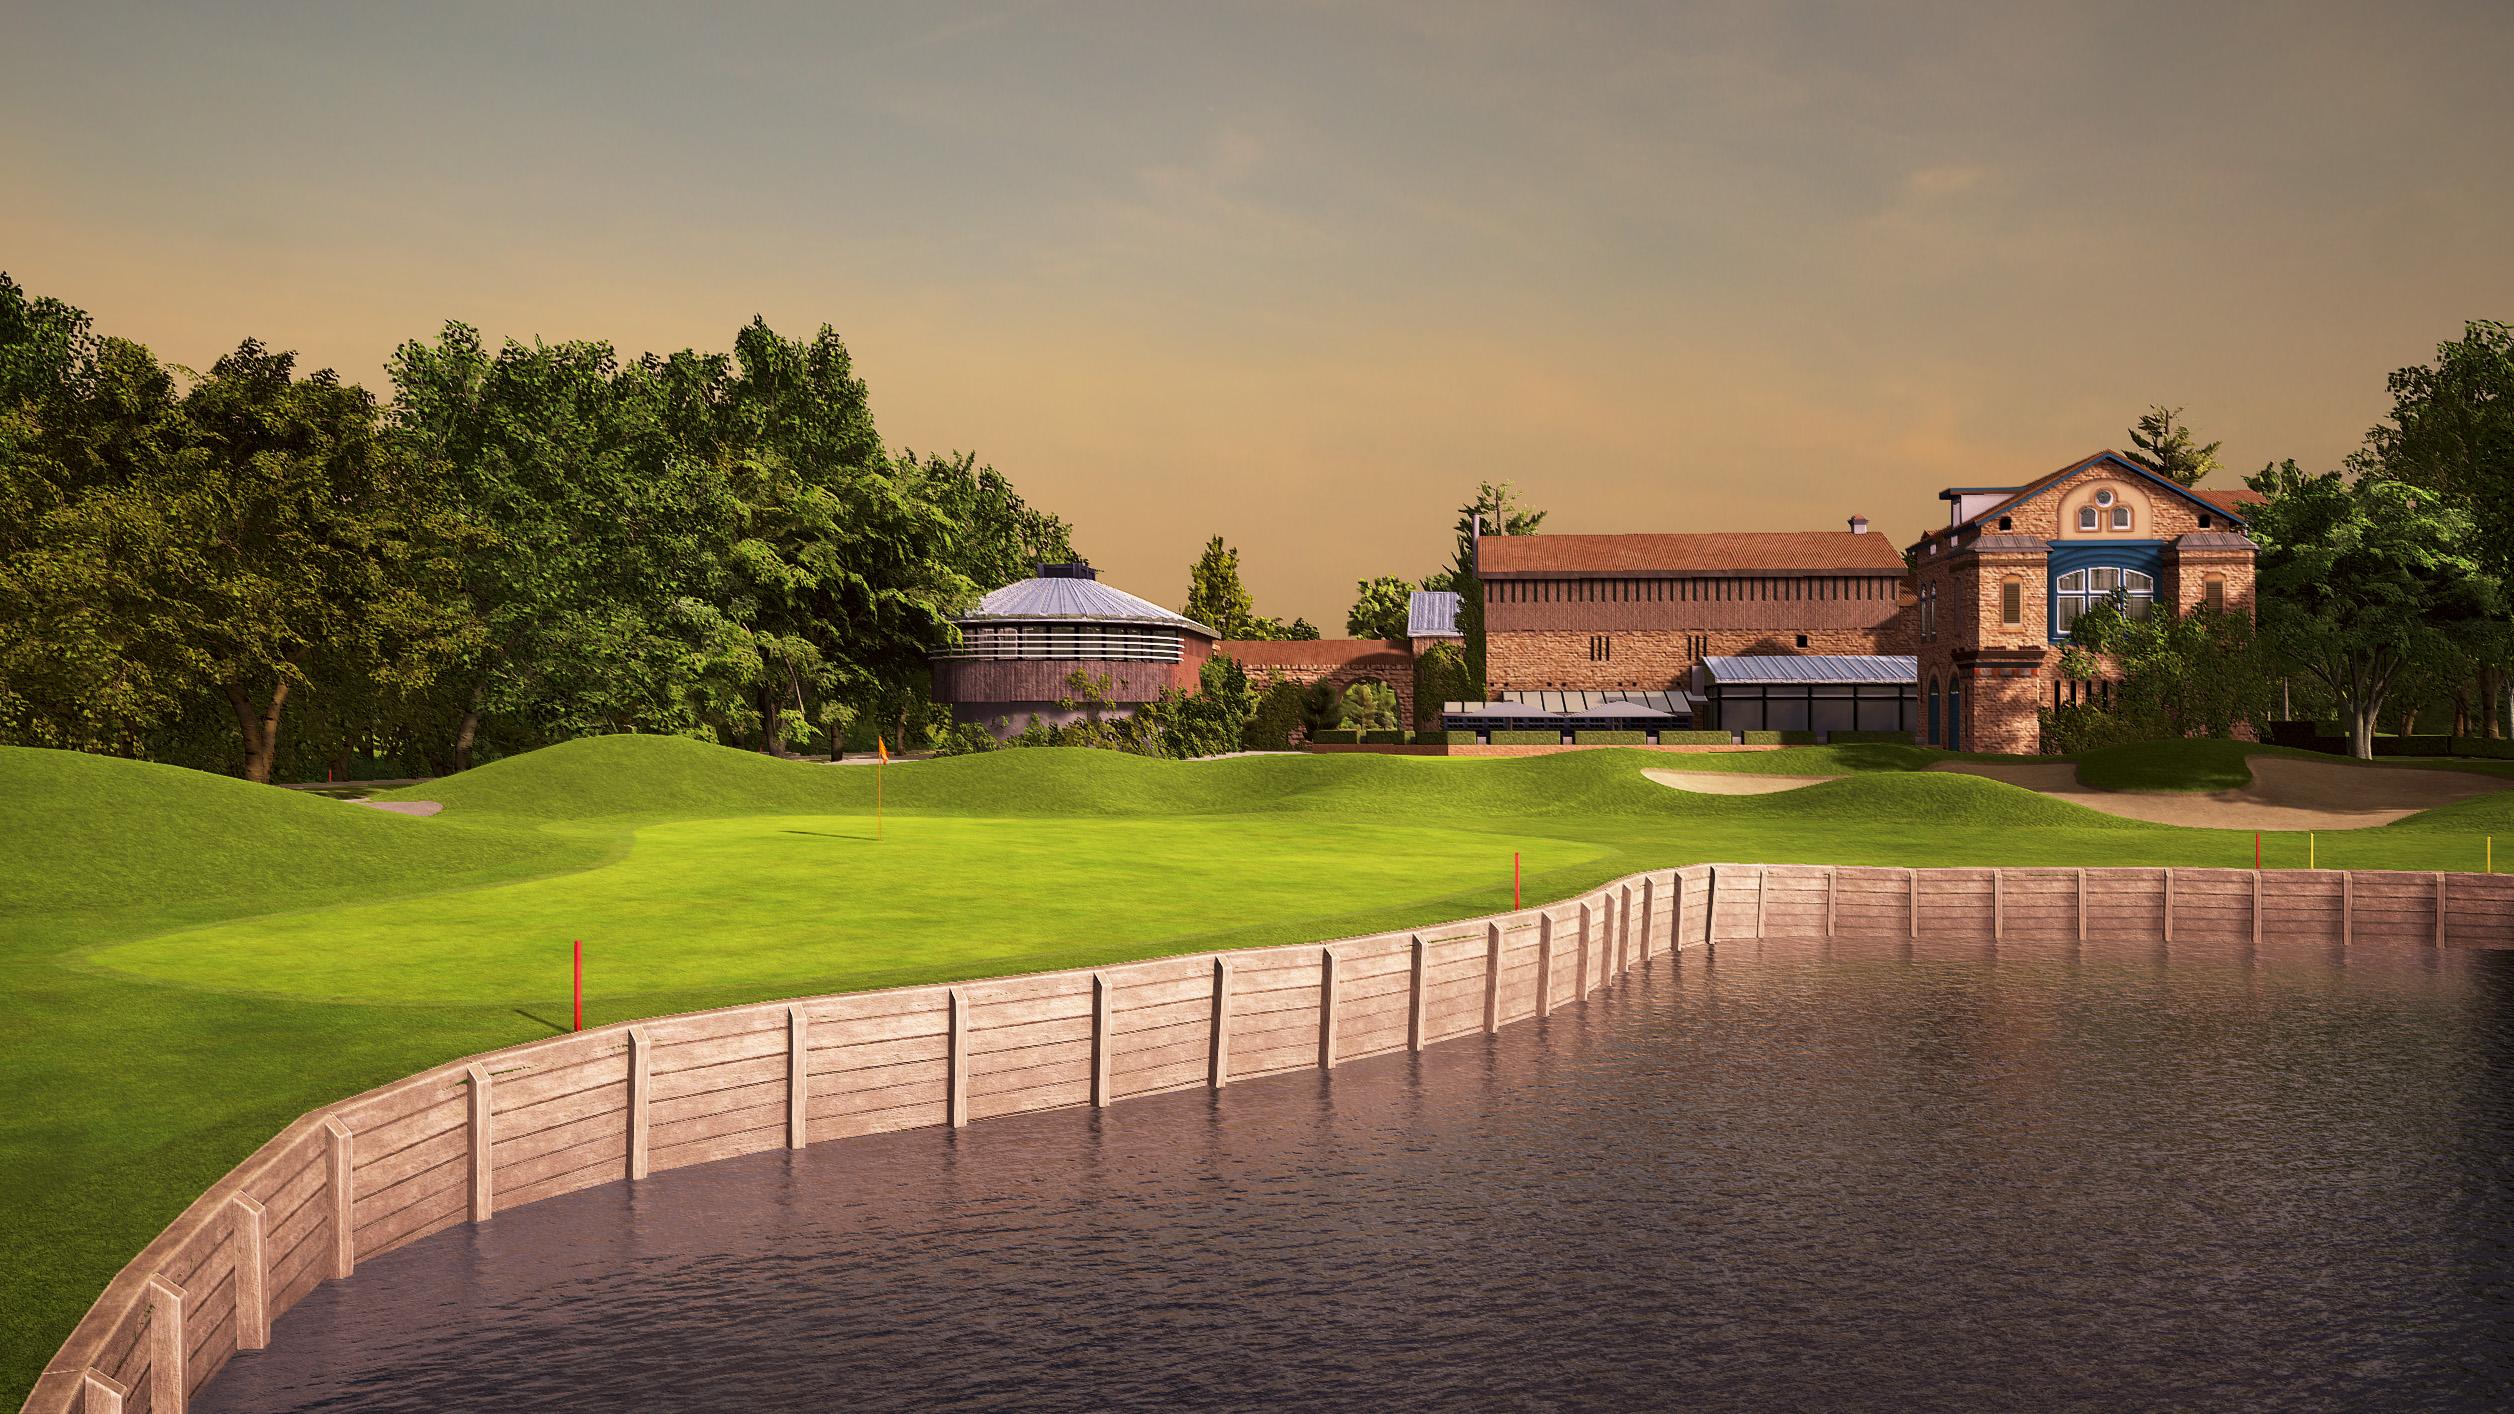 Kempferhof Golf Course